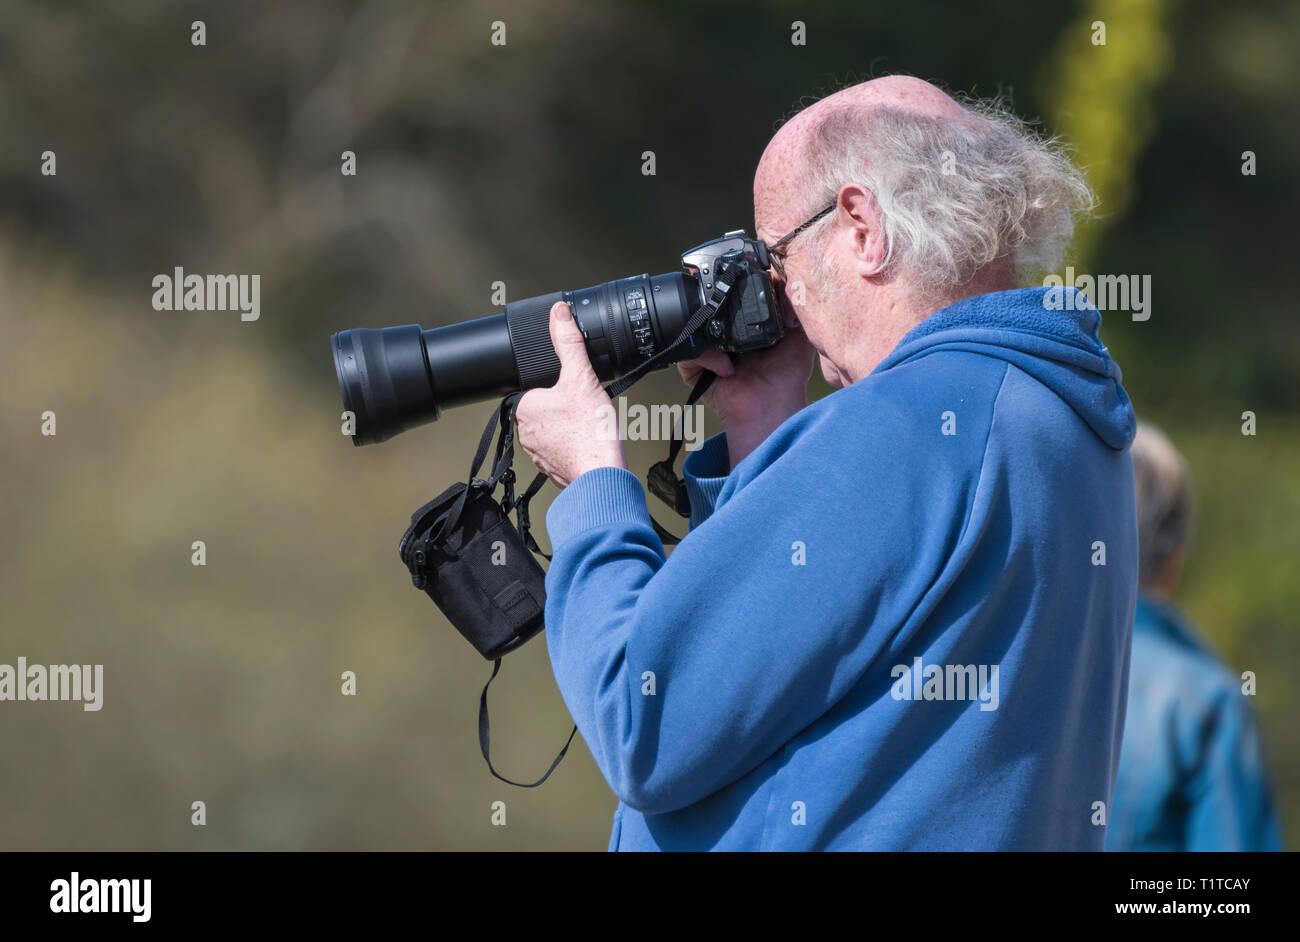 Man photos avec un reflex numérique et téléobjectif. Vue latérale d'homme à prendre des photos avec un appareil photo numérique. Pensionné passe-temps. Photo Stock